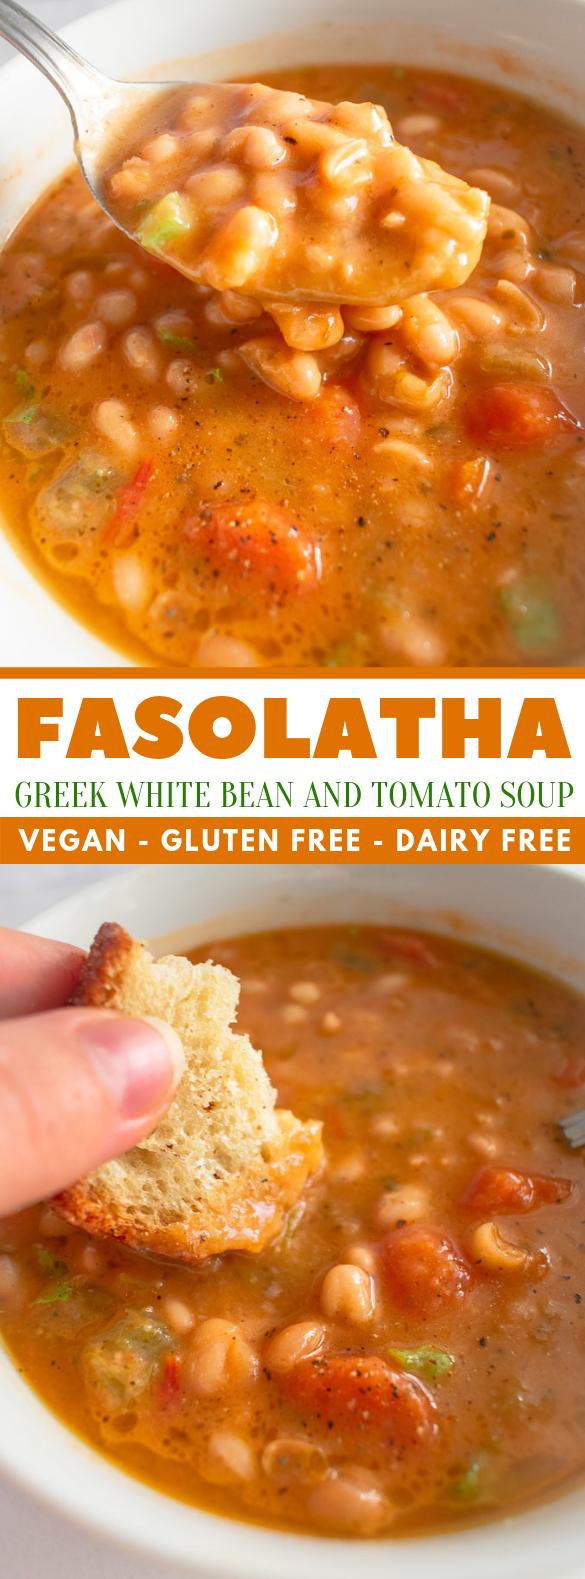 Fasolatha – White Bean And Tomato Soup #vegetarian #comfortfood